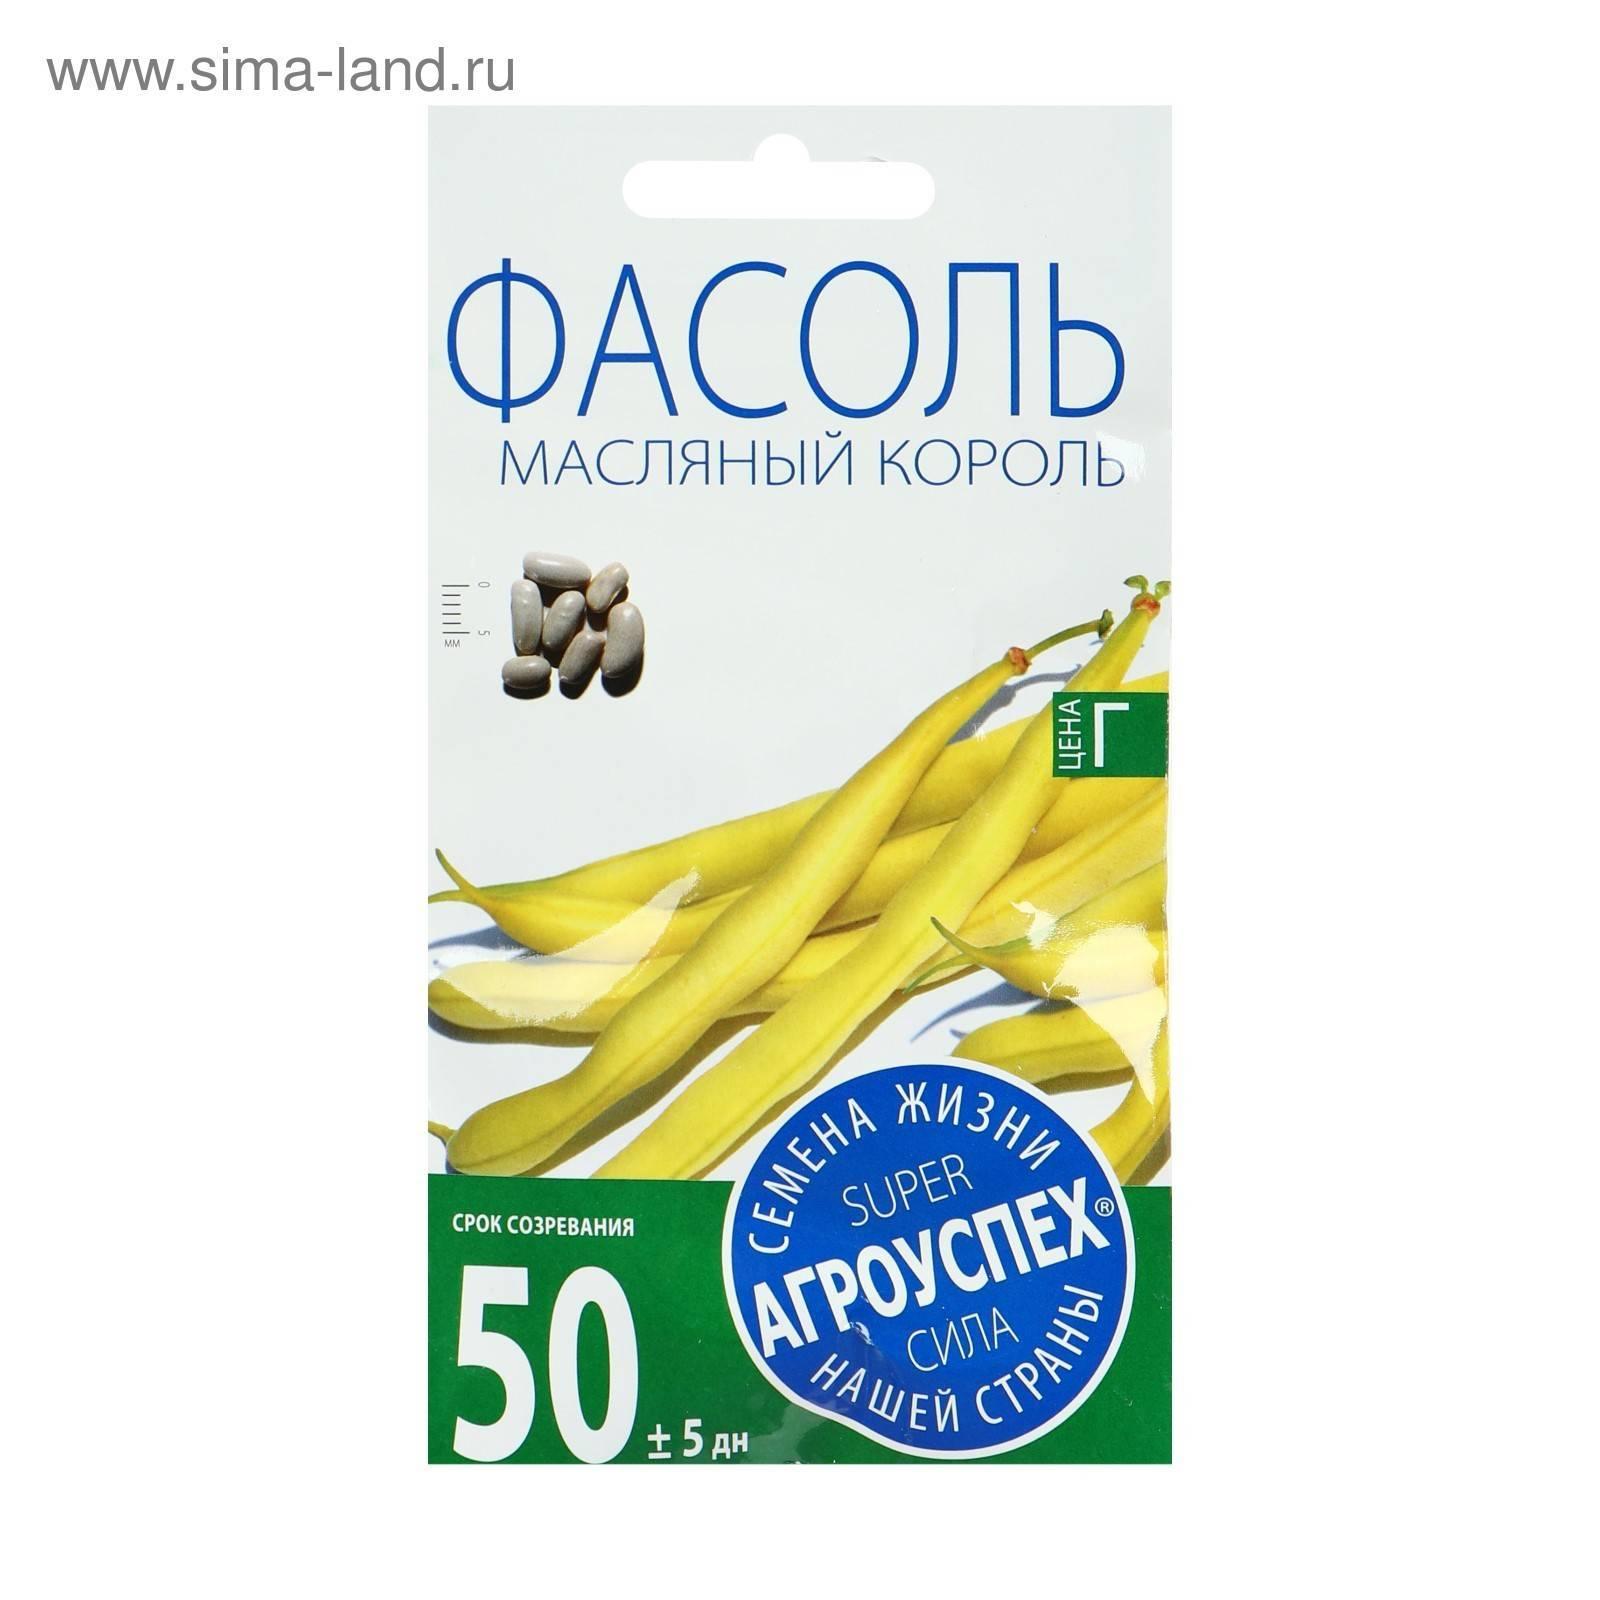 Фасоль масляный король: отзывы, характеристики сорта, урожайность + фото